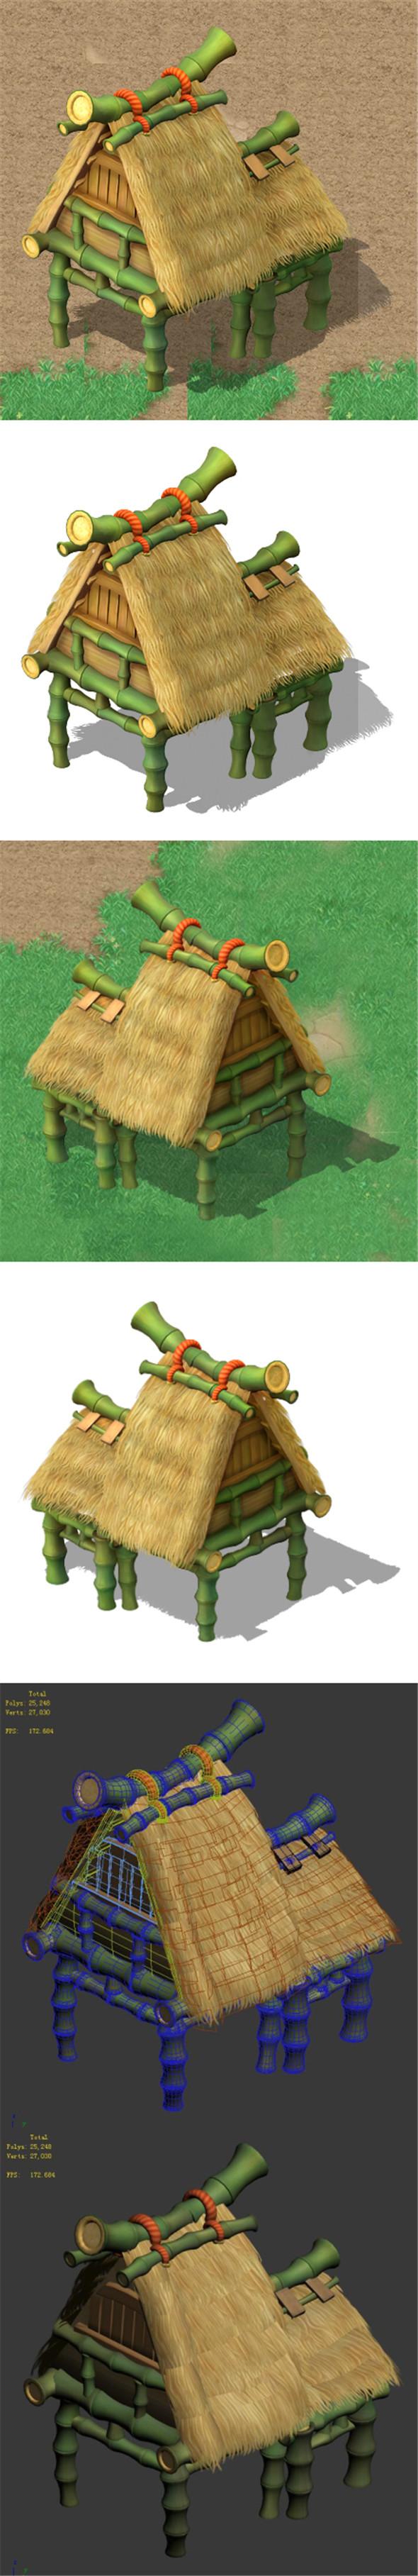 Cartoon World - House 05 - 3DOcean Item for Sale